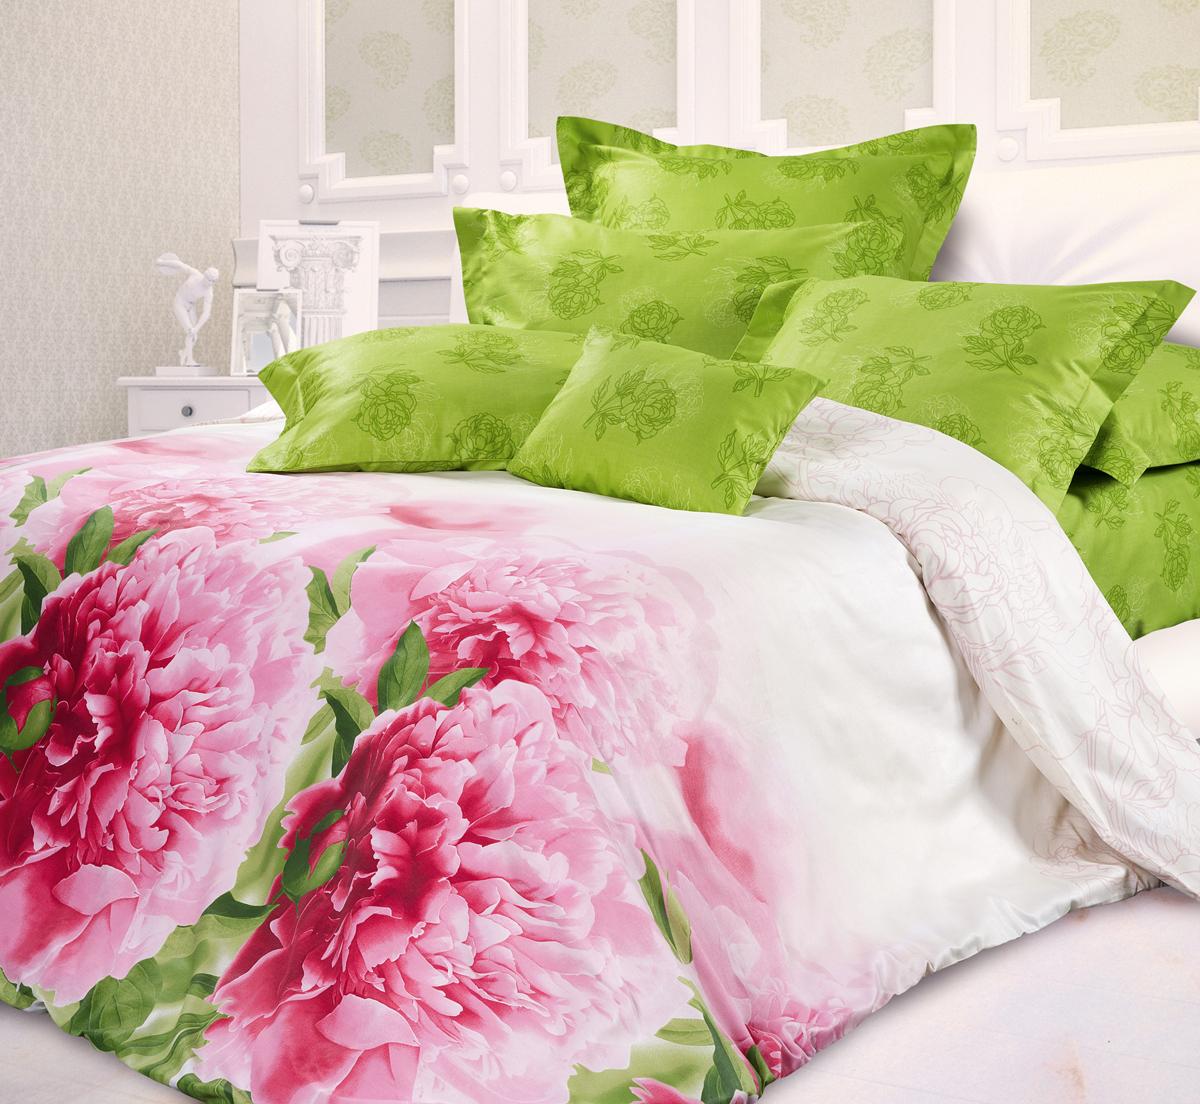 Комплект белья Унисон Дивный сад, 1,5 спальное, наволочки 70 х 70. 329470329470Комплект постельного белья УнисонДивный сад состоит из пододеяльника, простыни идвух наволочек. Постельное белье оформлено оригинальным яркимизображением цветов. Такой дизайнпридется по душе каждому. Роскошная коллекция постельного белья из 100% хлопкавысшего качества. Мягкий, износостойкий, нежный сатин сблагородным шелковистым блеском производится изкрученой хлопковой нити поспециальной технологии двойного плетения.Приобретая комплект постельного белья УнисонДивный сад, вы можете быть уверенны в том, чтопокупка доставит вам ивашим близким удовольствие и подаритмаксимальный комфорт.Унисон - это несколько серий постельного белья с разными дизайнами: яркиймолодежный Унисон teens, Унисон а-ля русс с народными мотивами,утонченная коллекция Акварель и другие.